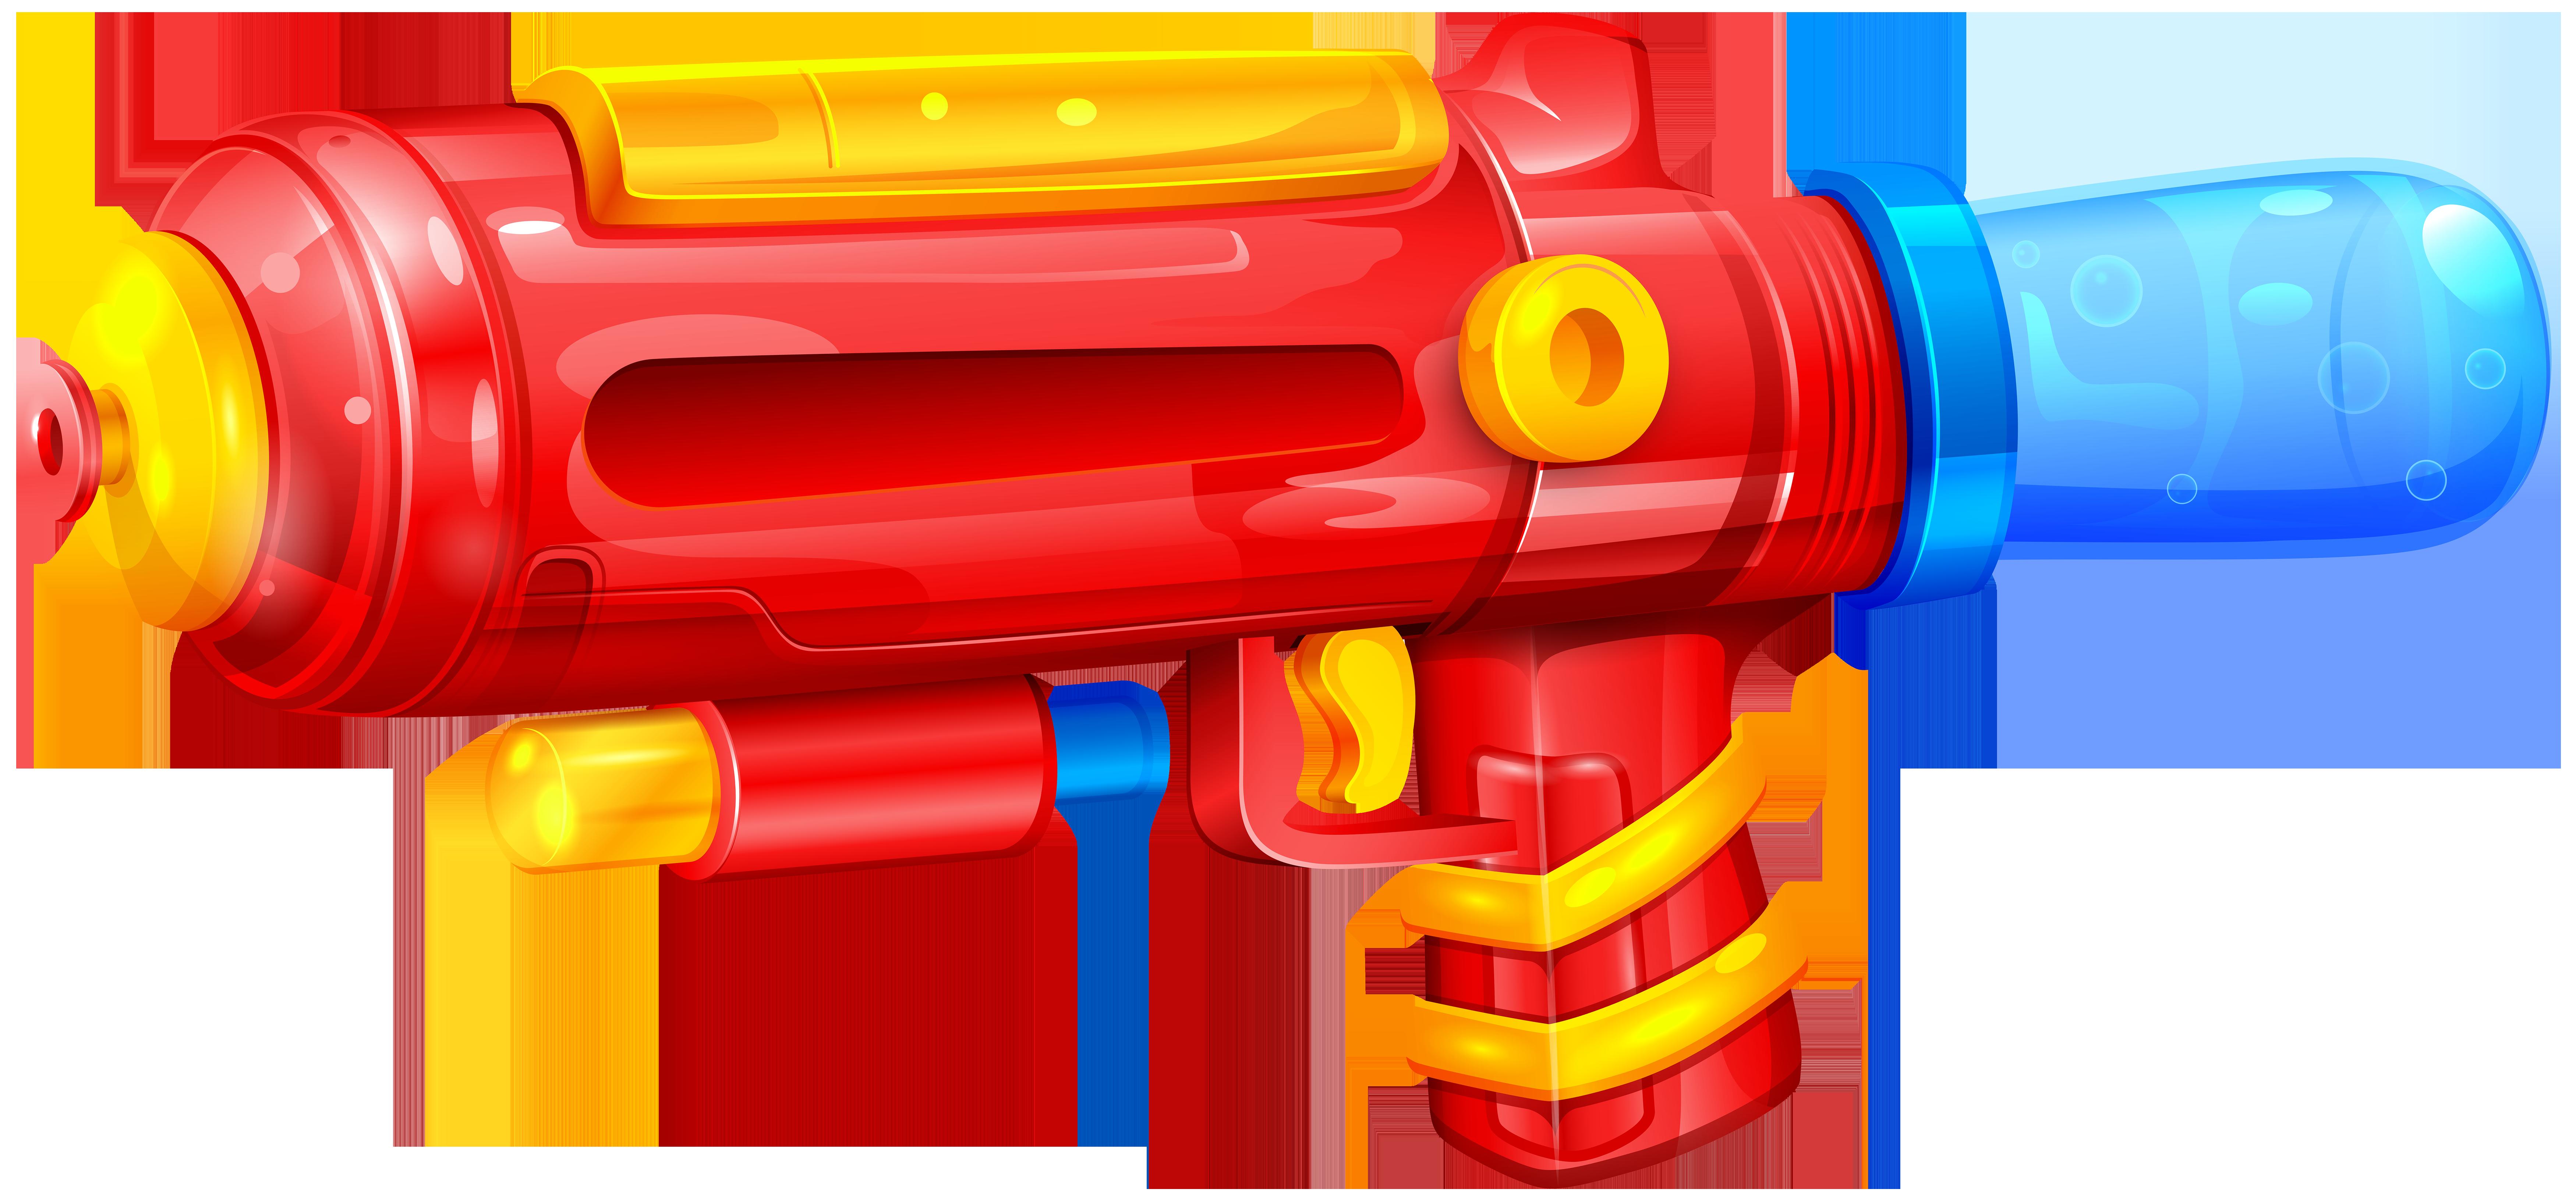 Toy weapon clip art. Guns clipart water gun